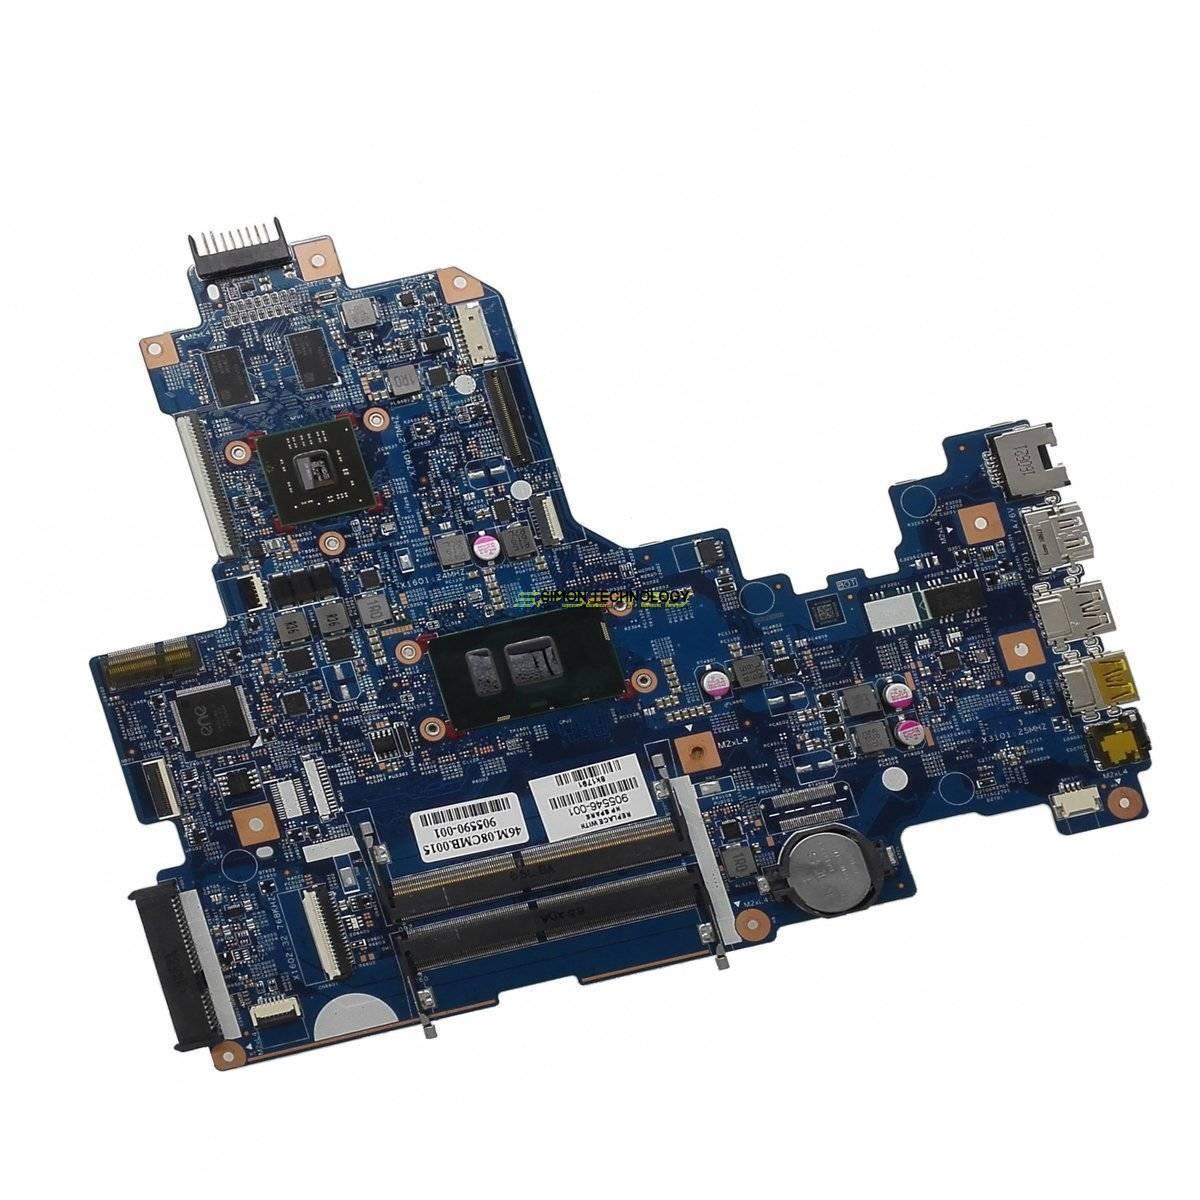 HPI MB DSC R7M1-70 4GB i7-6500U 2D (905547-001)